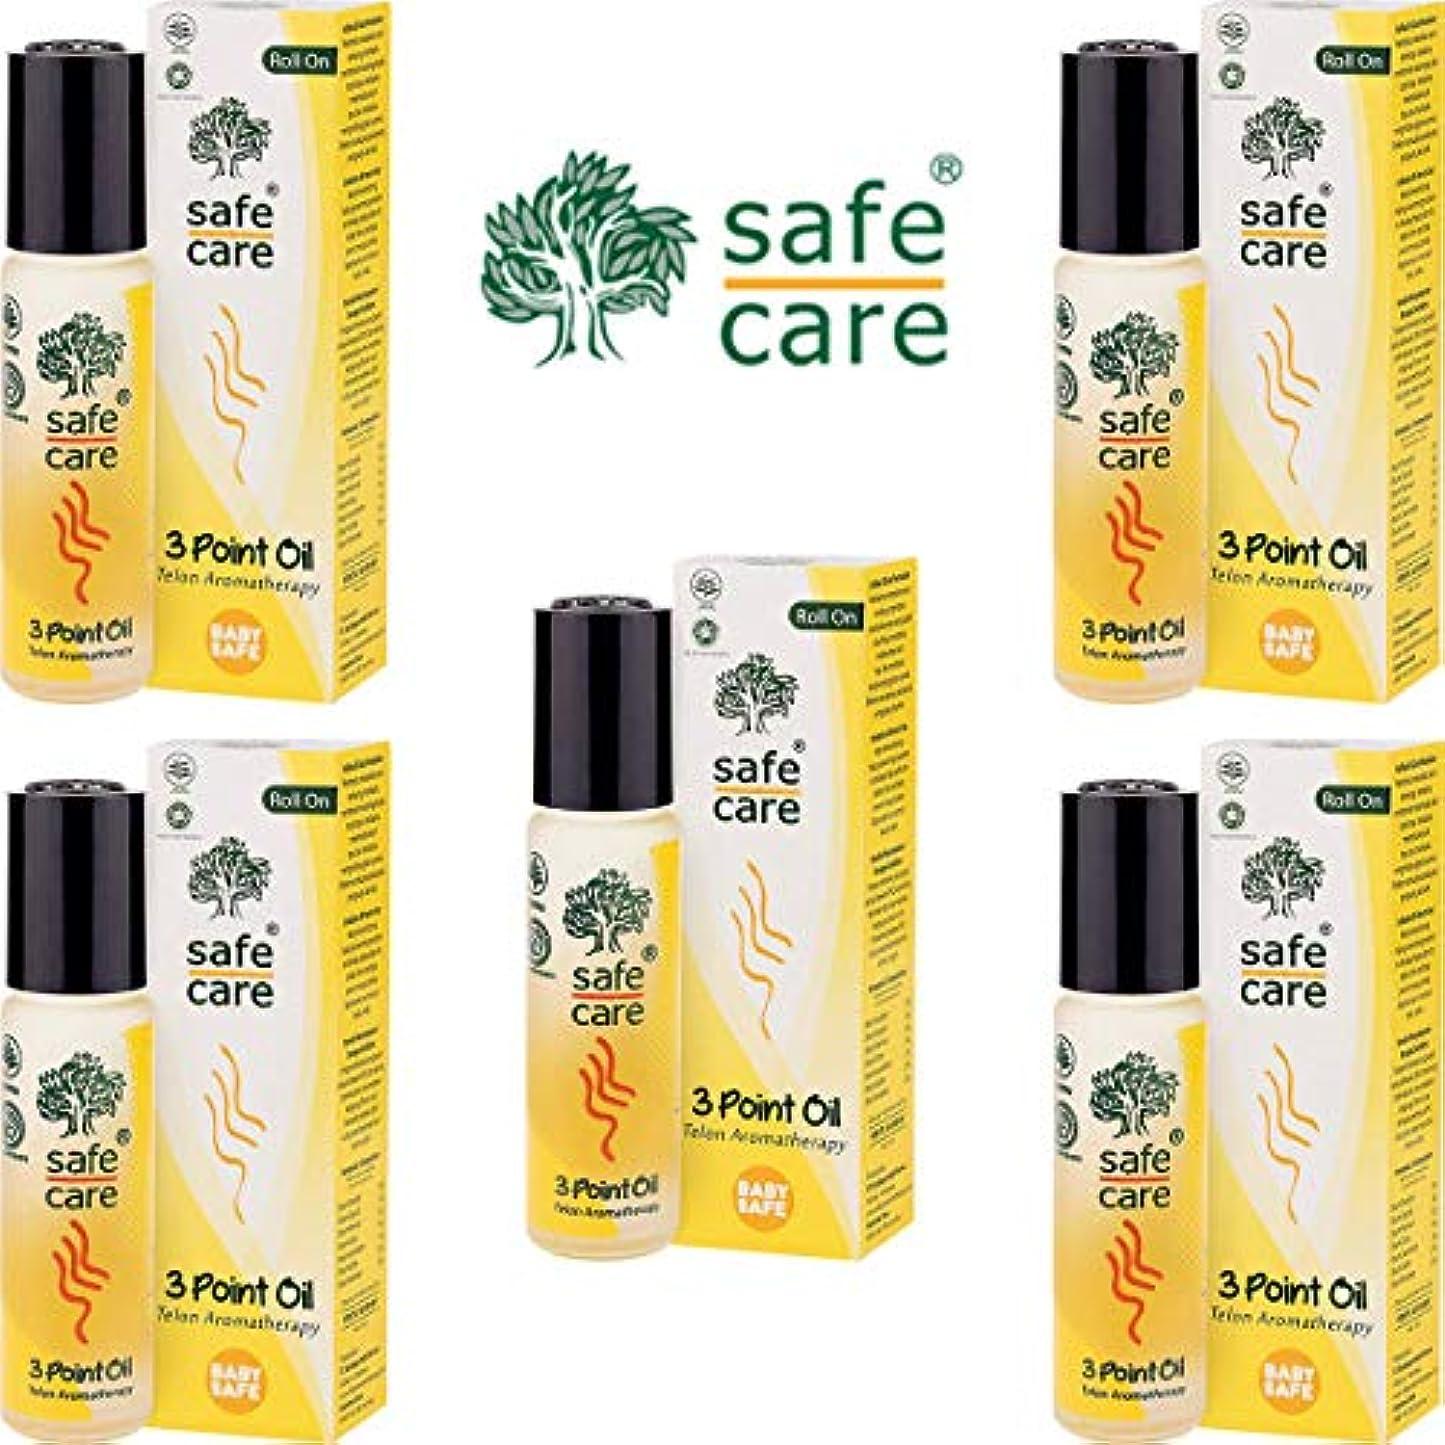 荒れ地不安定なメタリックSafe Care セーフケア Aromatherapy Telon 3Point Oil アロマテラピー リフレッシュオイル テロン3ポイントオイル ロールオン 10ml×5本セット [海外直送品]